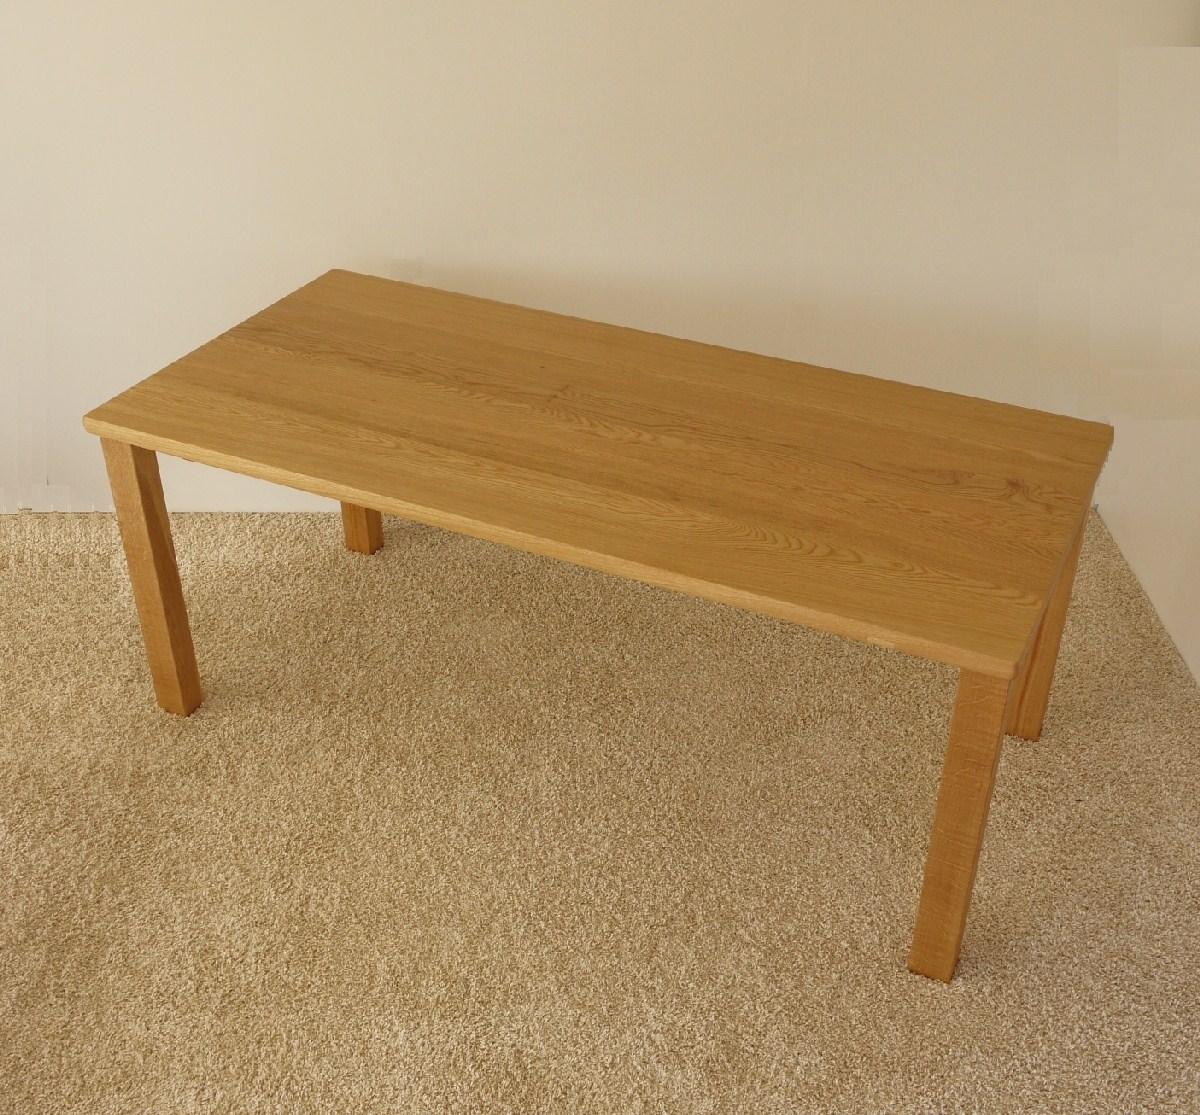 テーブルできあがり_c0138410_2033245.jpg